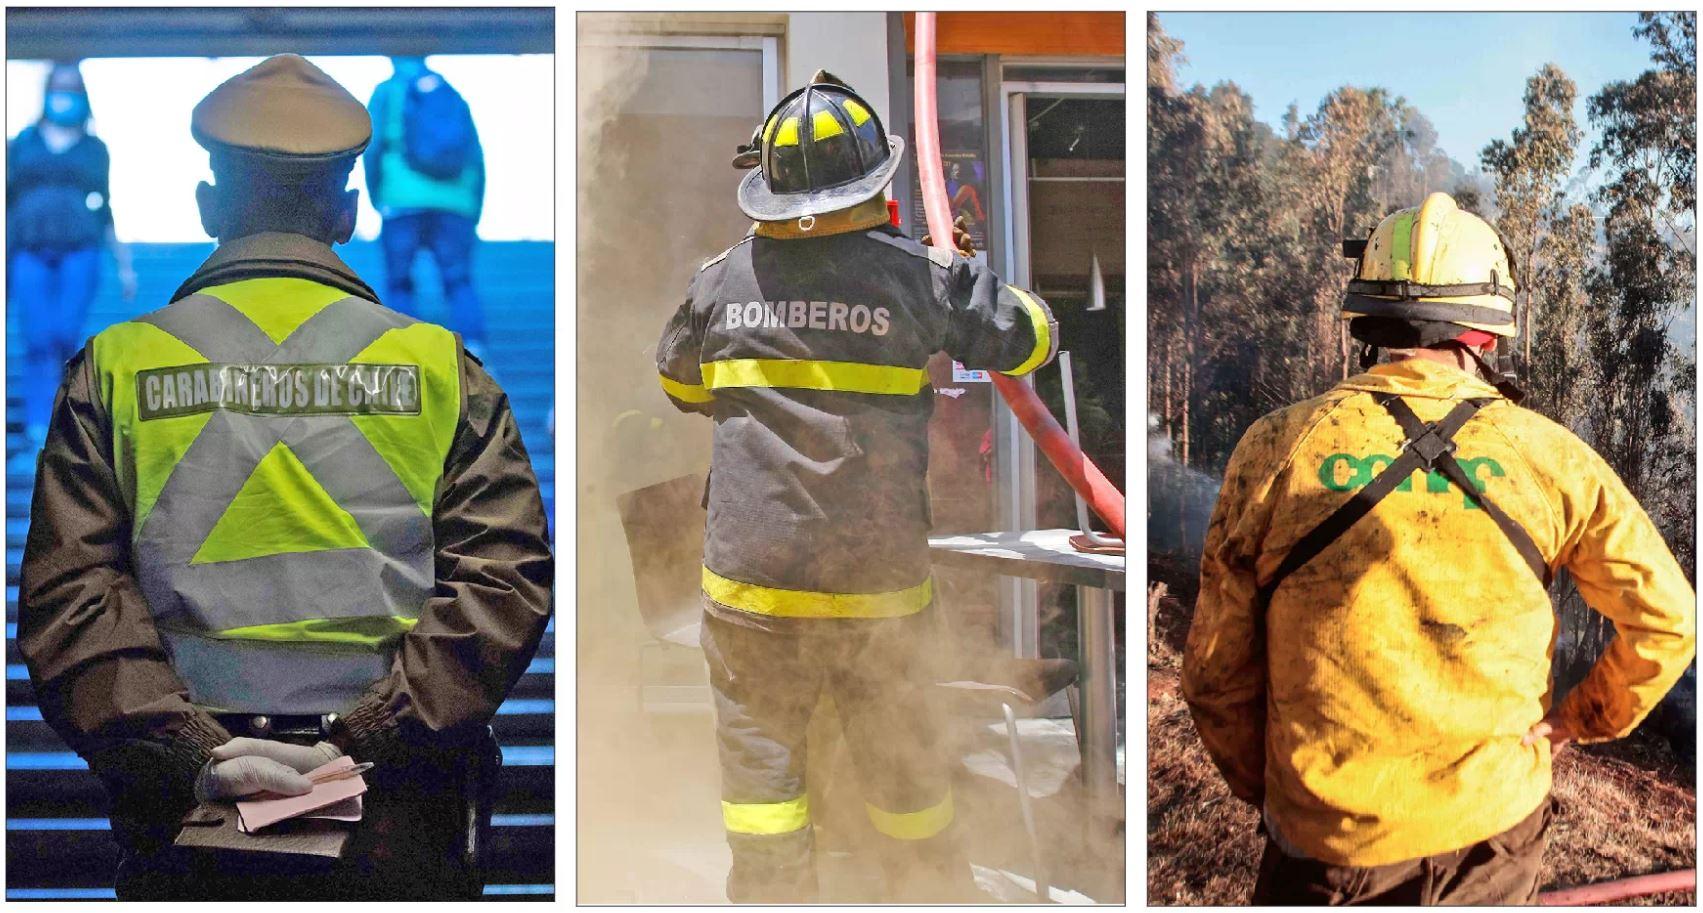 Joven se hacía pasar por carabinero, bombero y brigadista de Conaf